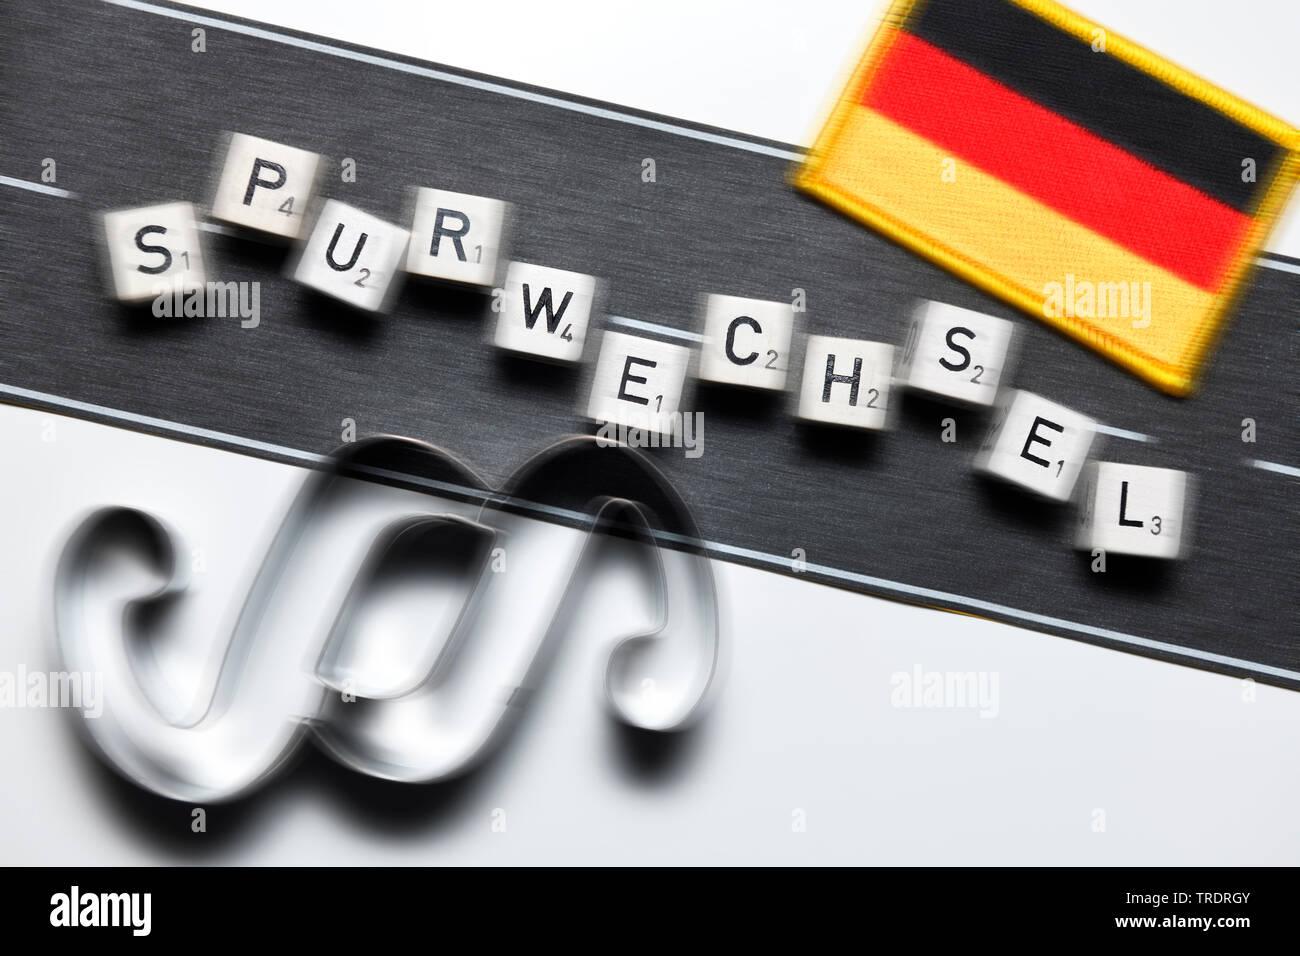 das Wort Spurwechsel gelegt mit Wuerfeln, Asylpolitik, Deutschland | lane change, Spurwechsel, asyl, Germany | BLWS509471.jpg [ (c) blickwinkel/McPHOT - Stock Image